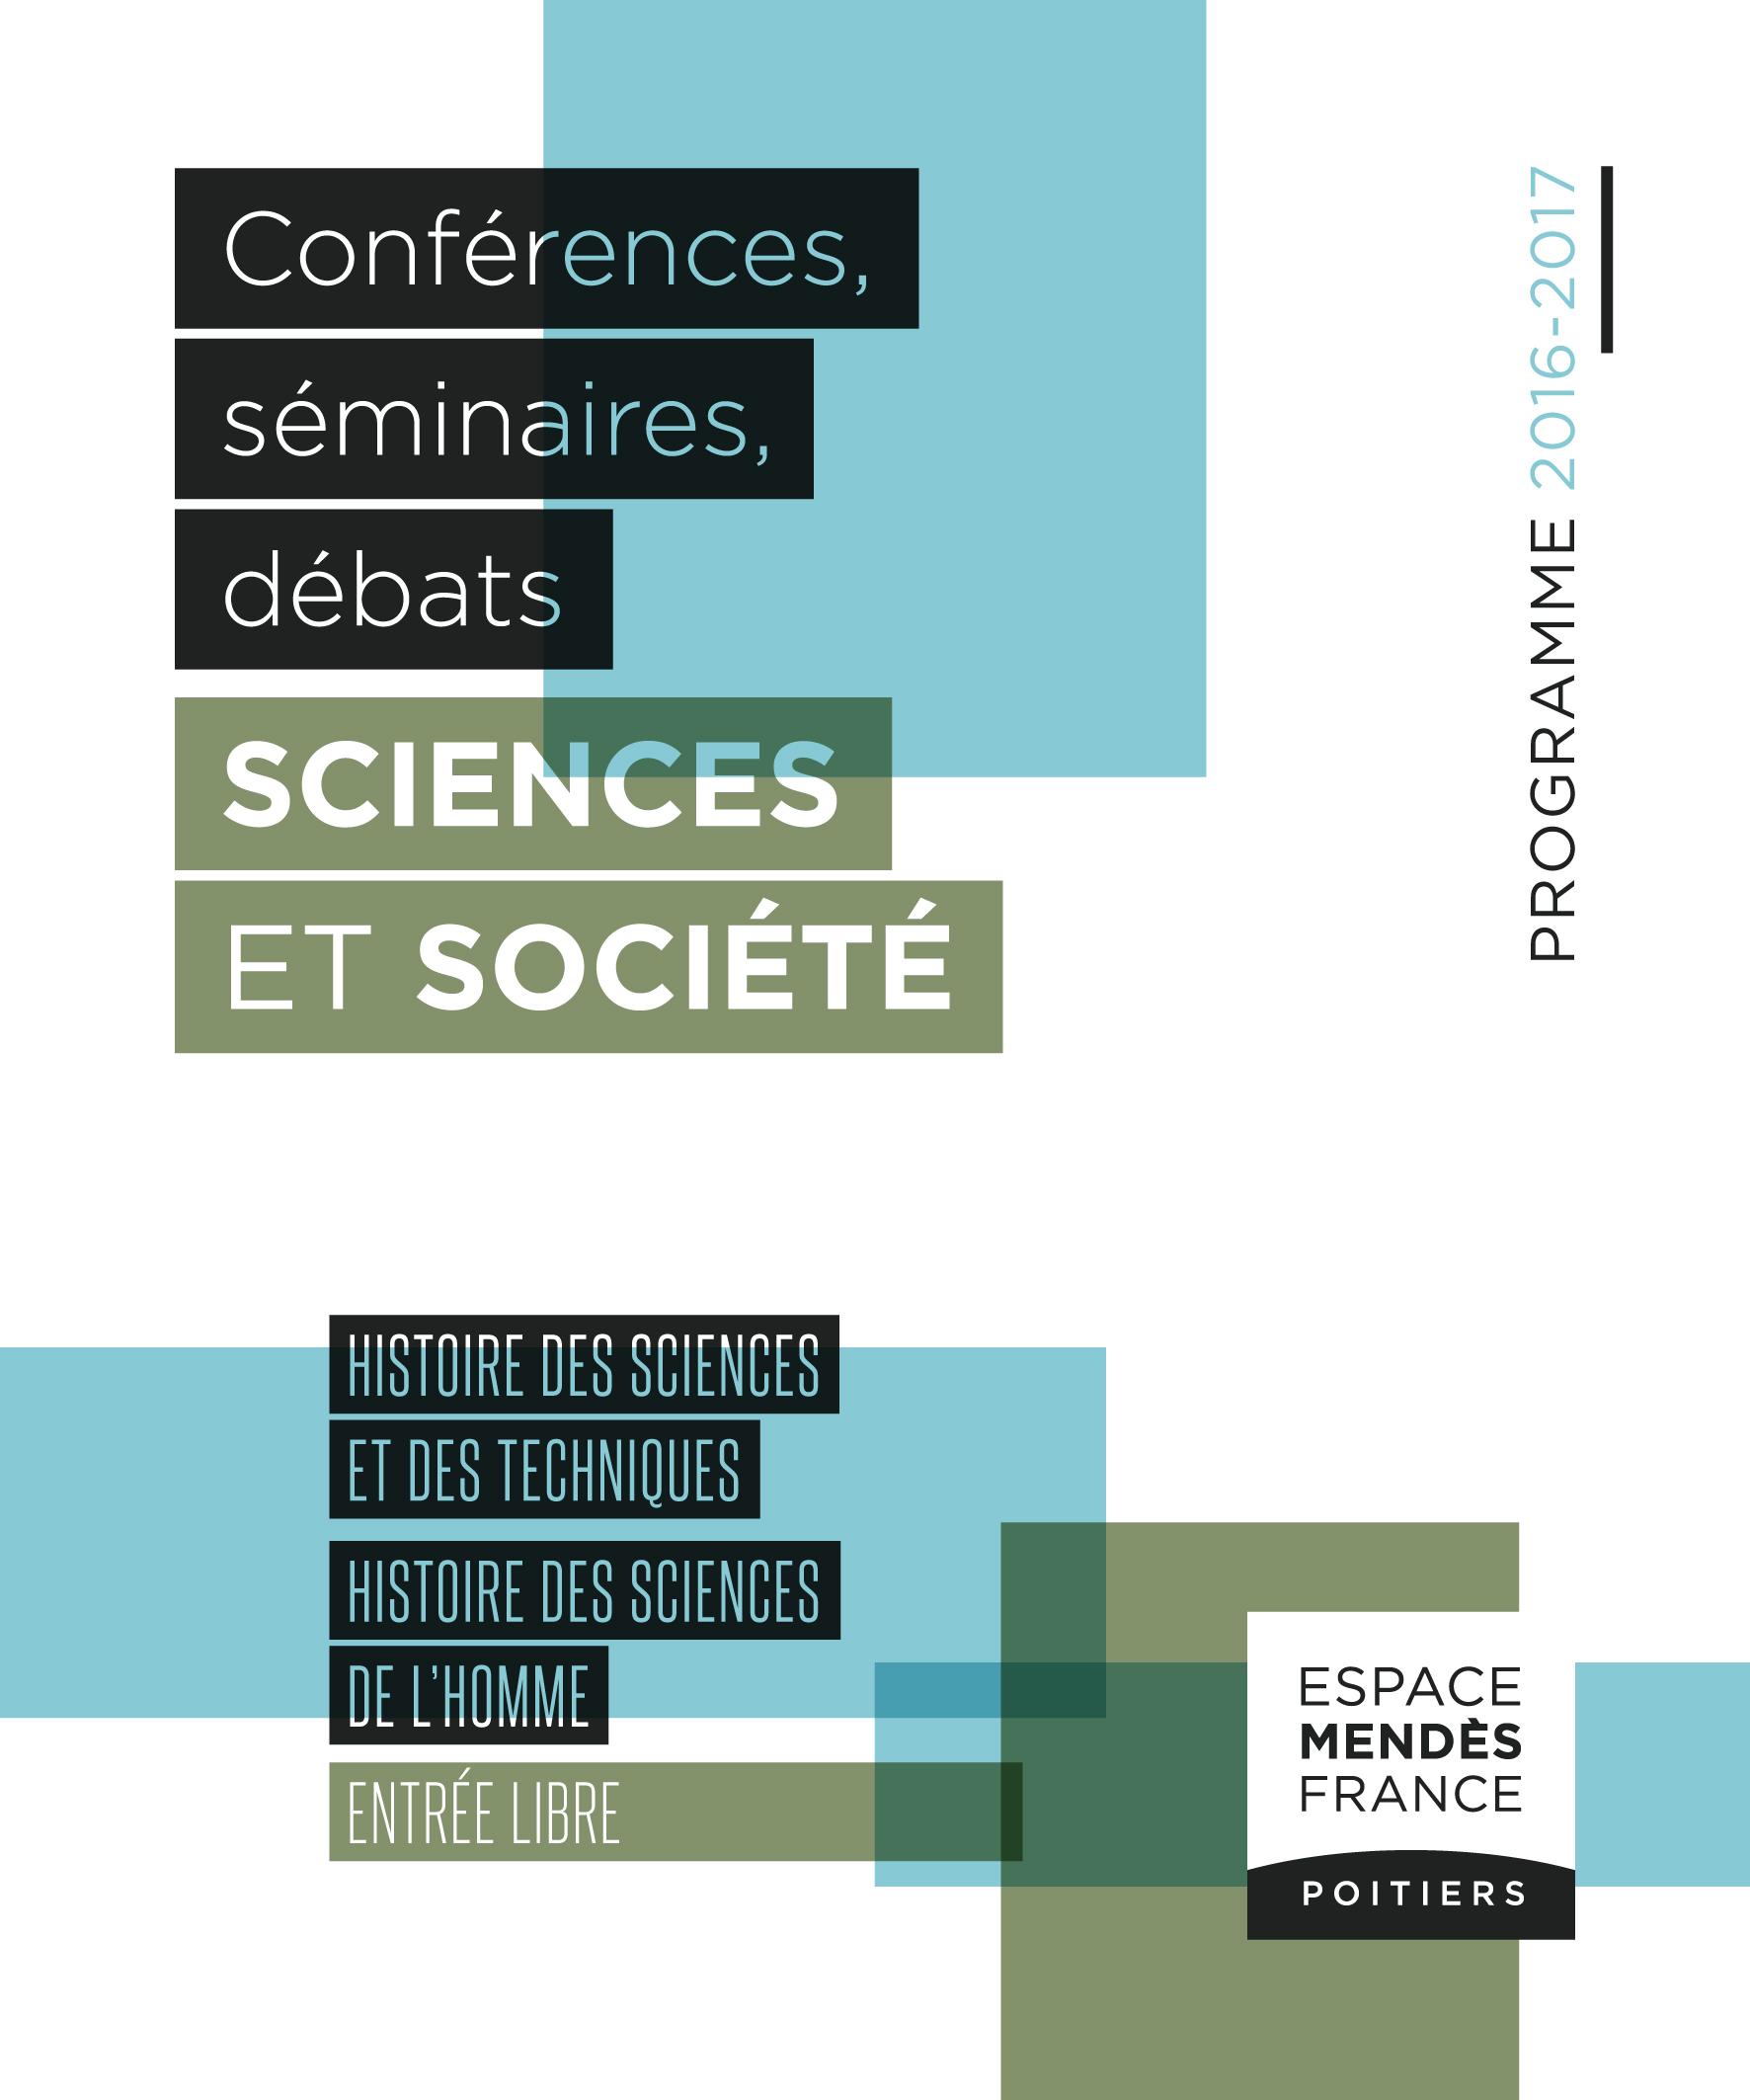 Programme Histoire des sciences et des techniques & des sciences de l'homme 2016-2017